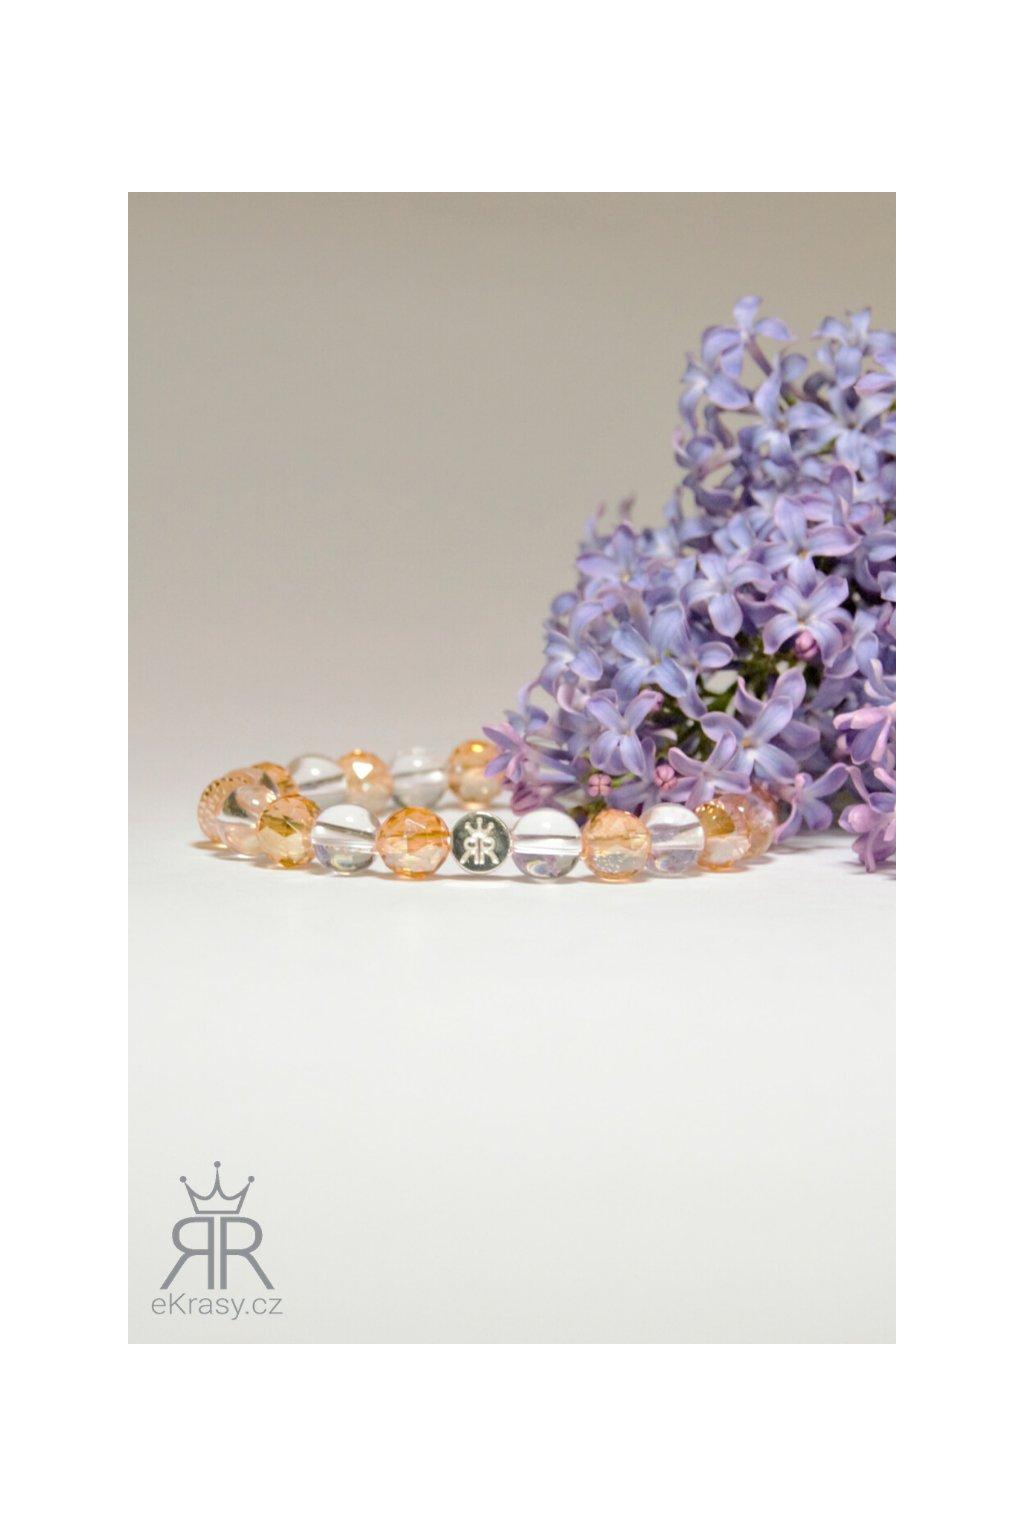 eKrasy náramek Úsměv pro maminky - luxusní náramek z křišťálu